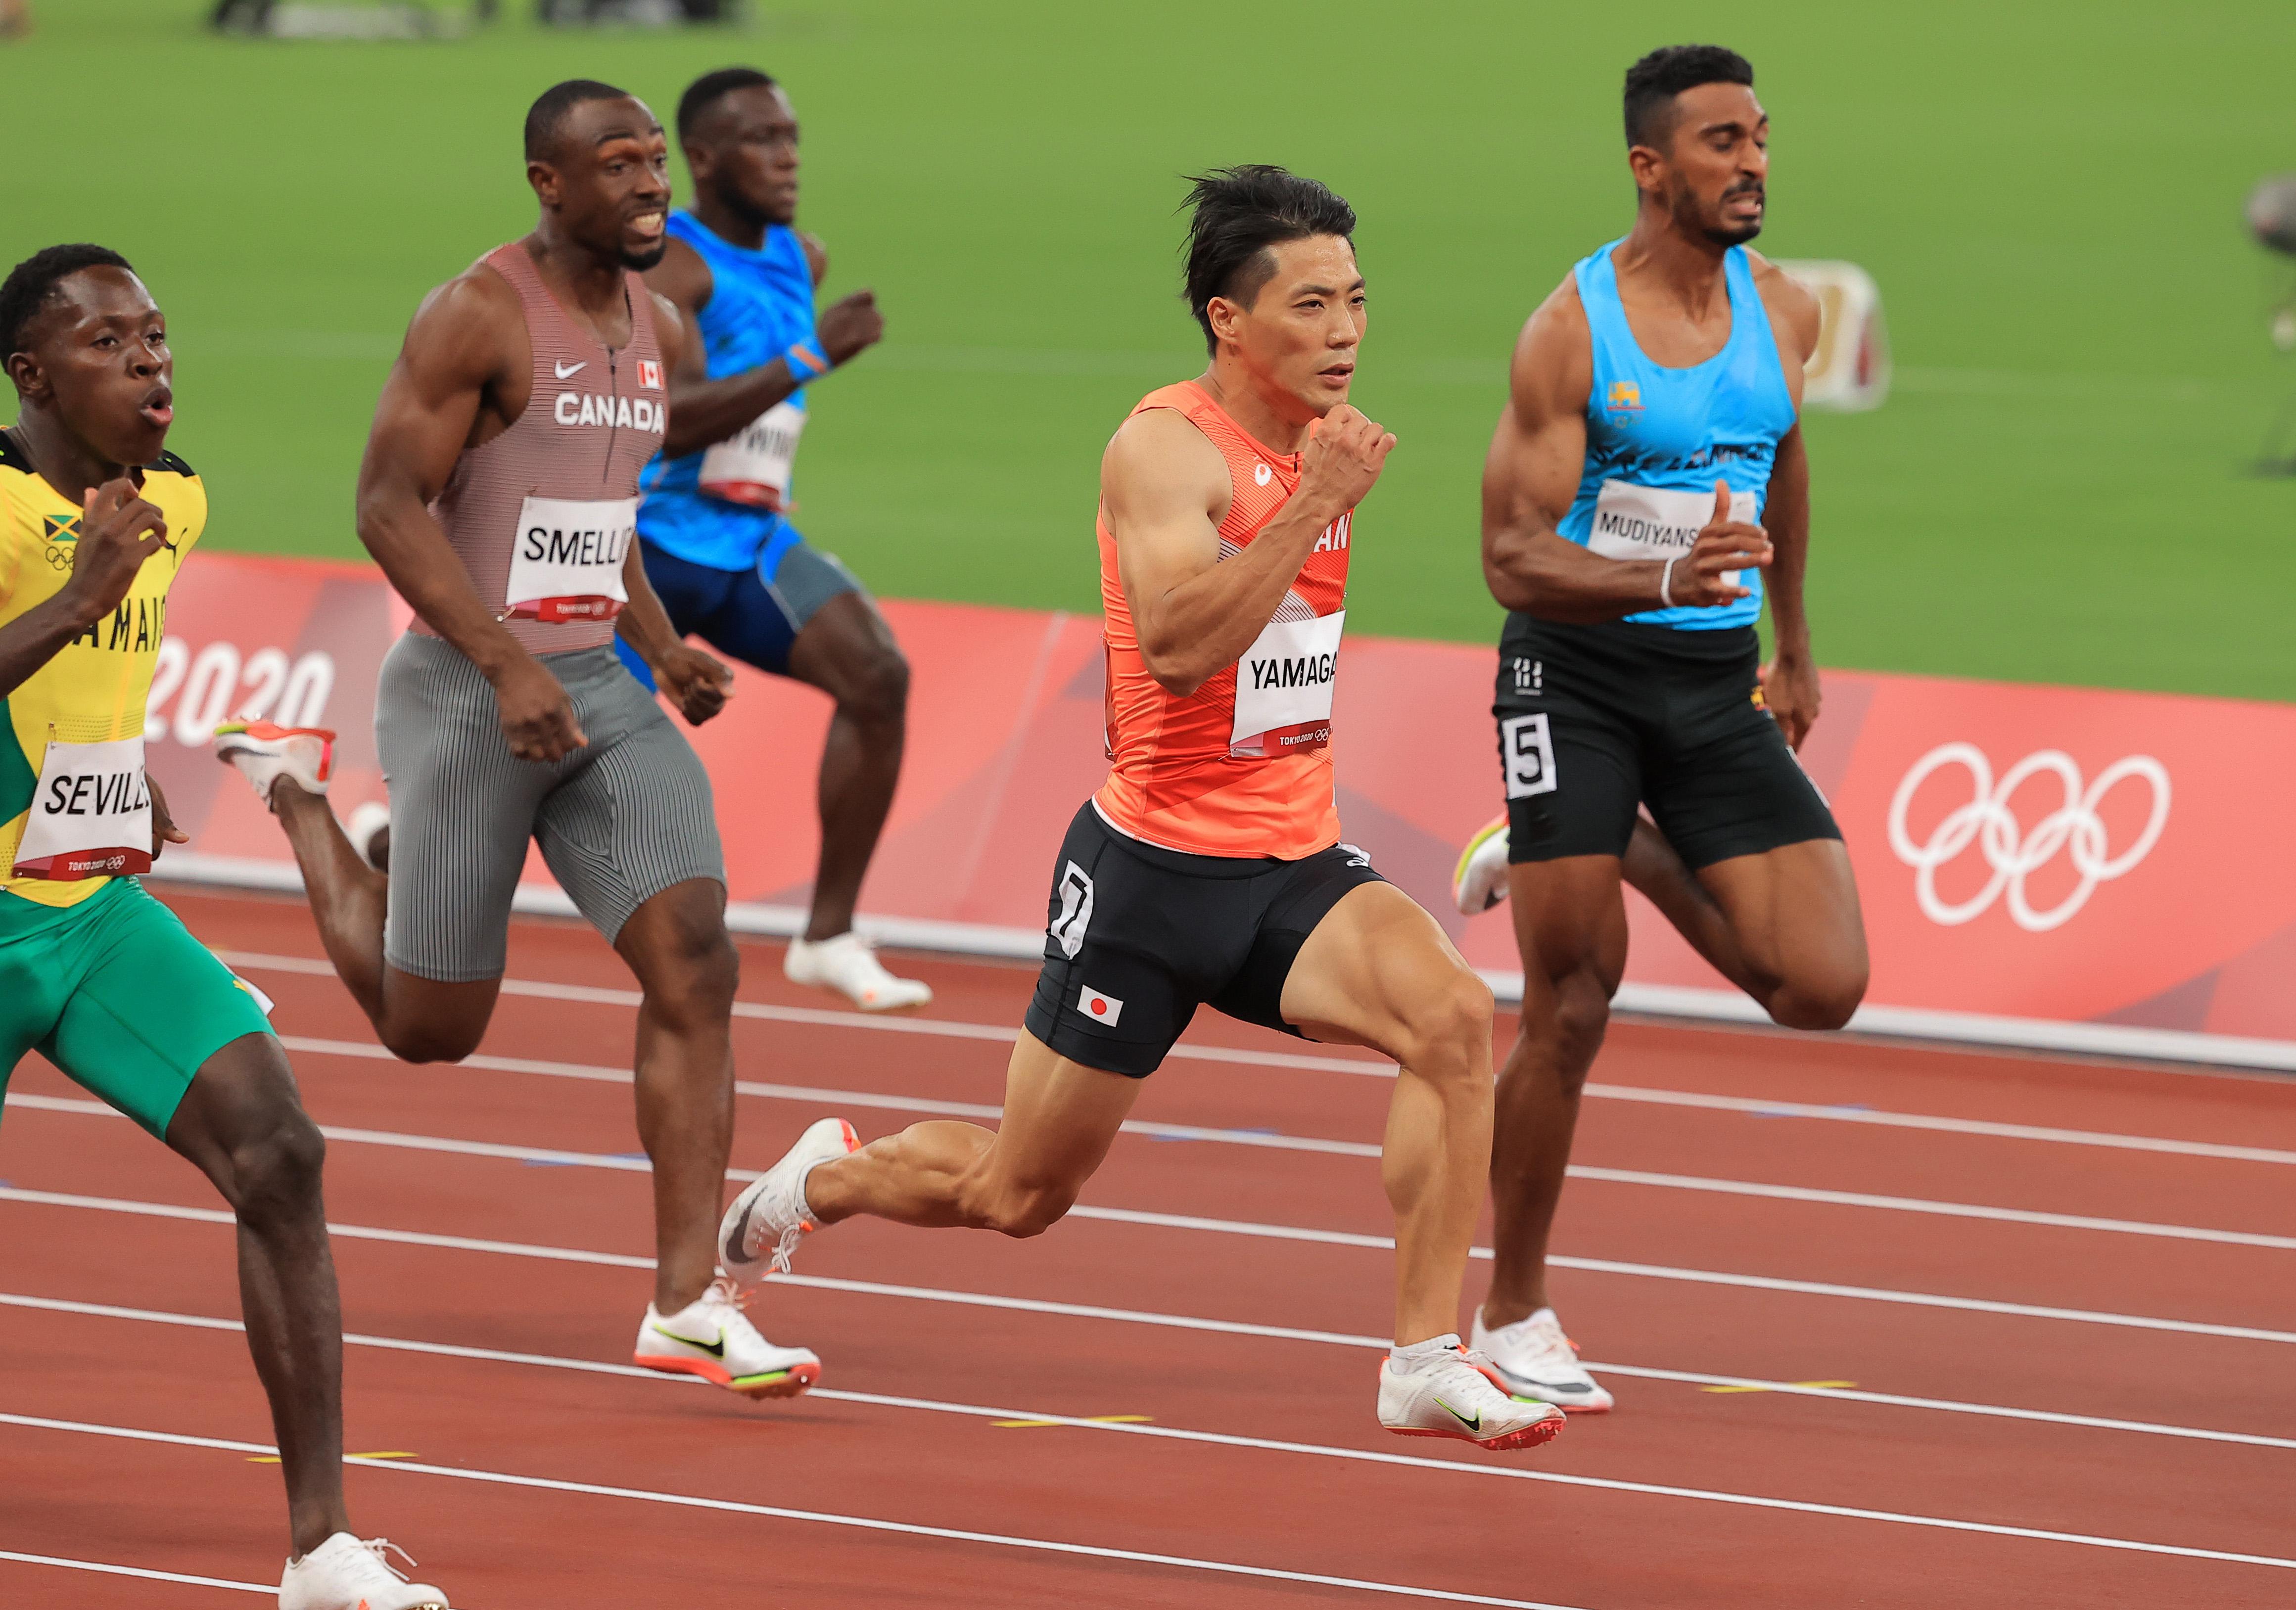 【東京五輪2020 陸上競技・男子100メートル】予選3組目で4着の山県亮太=国立競技場(撮影・松永渉平)